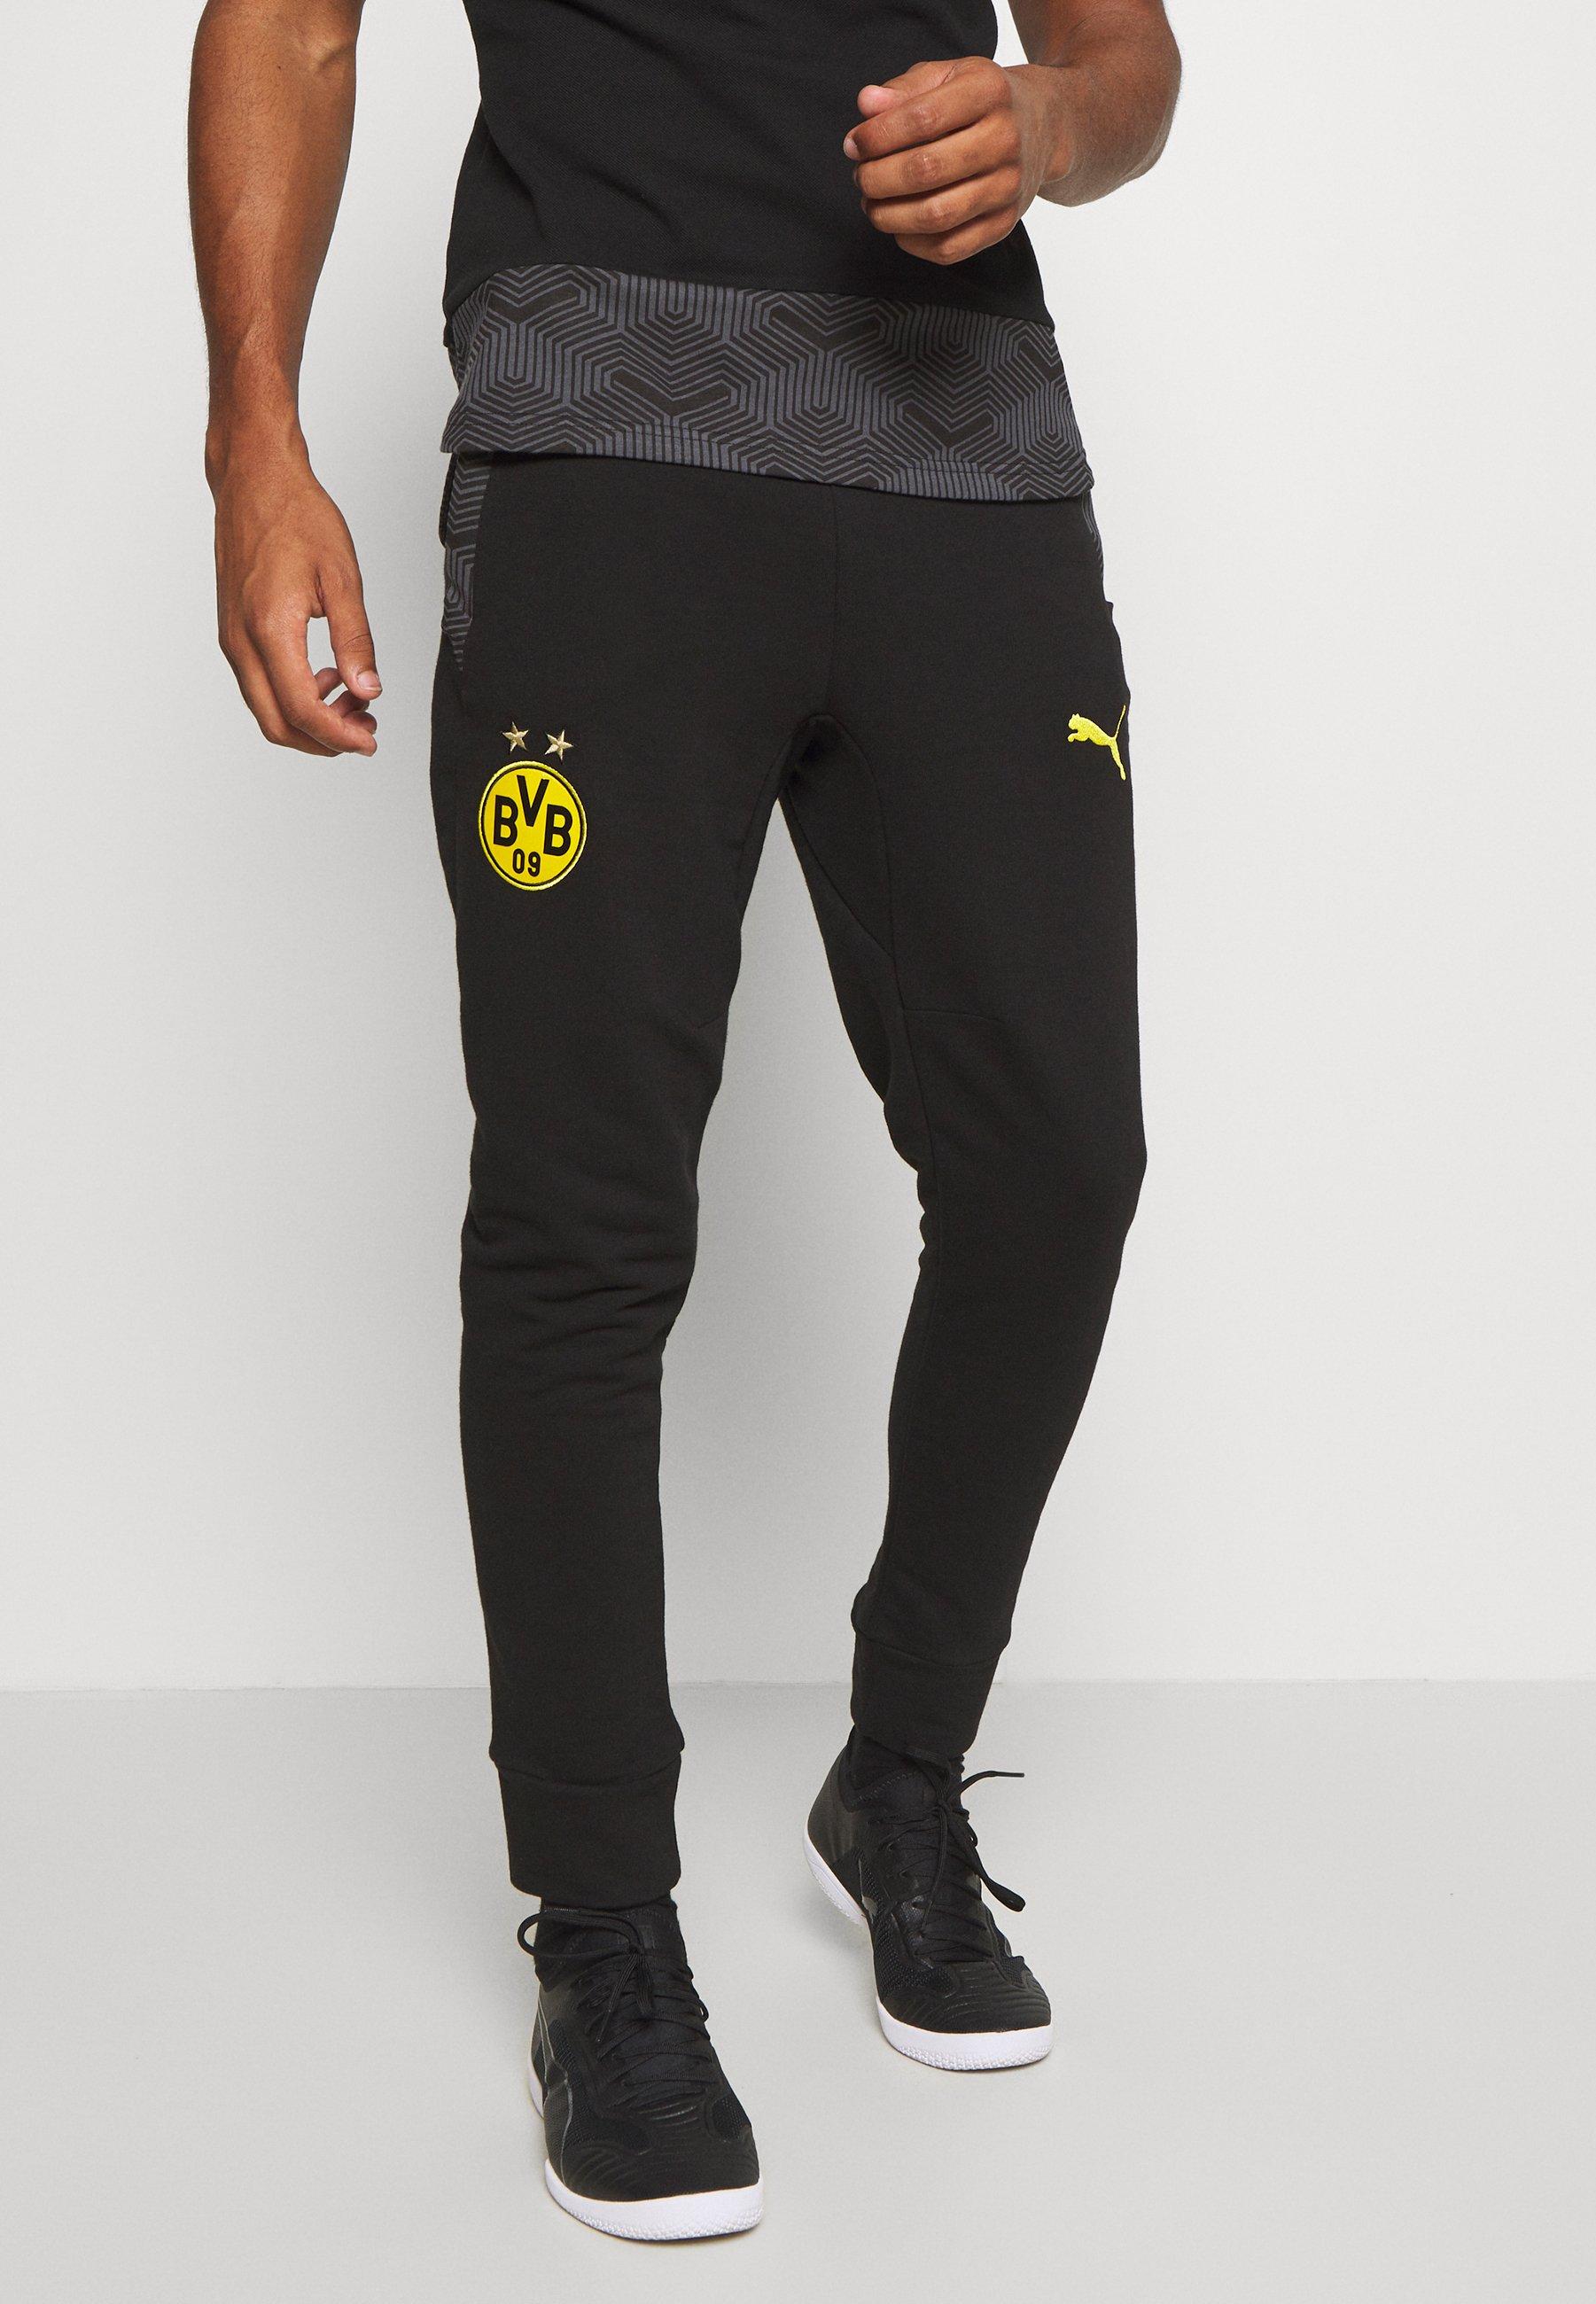 Abbigliamento sportivo Puma Borussia Dortmund BVB Training Pants ...